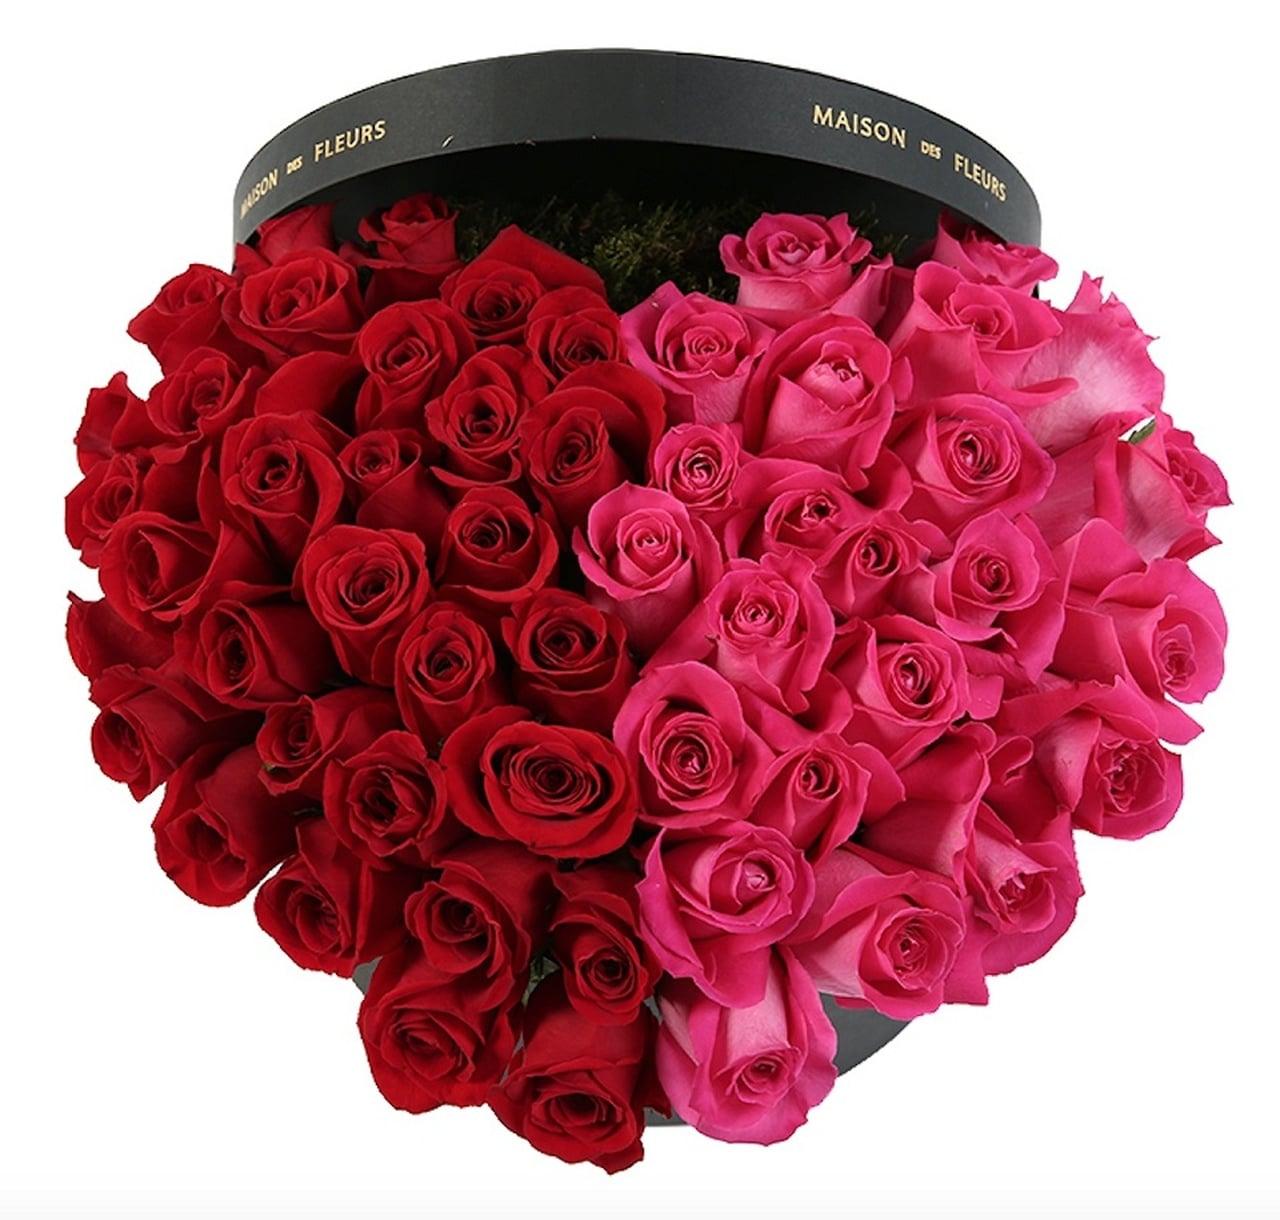 بالصور زهور الحب , الزهور احلى الهدايا 5728 4